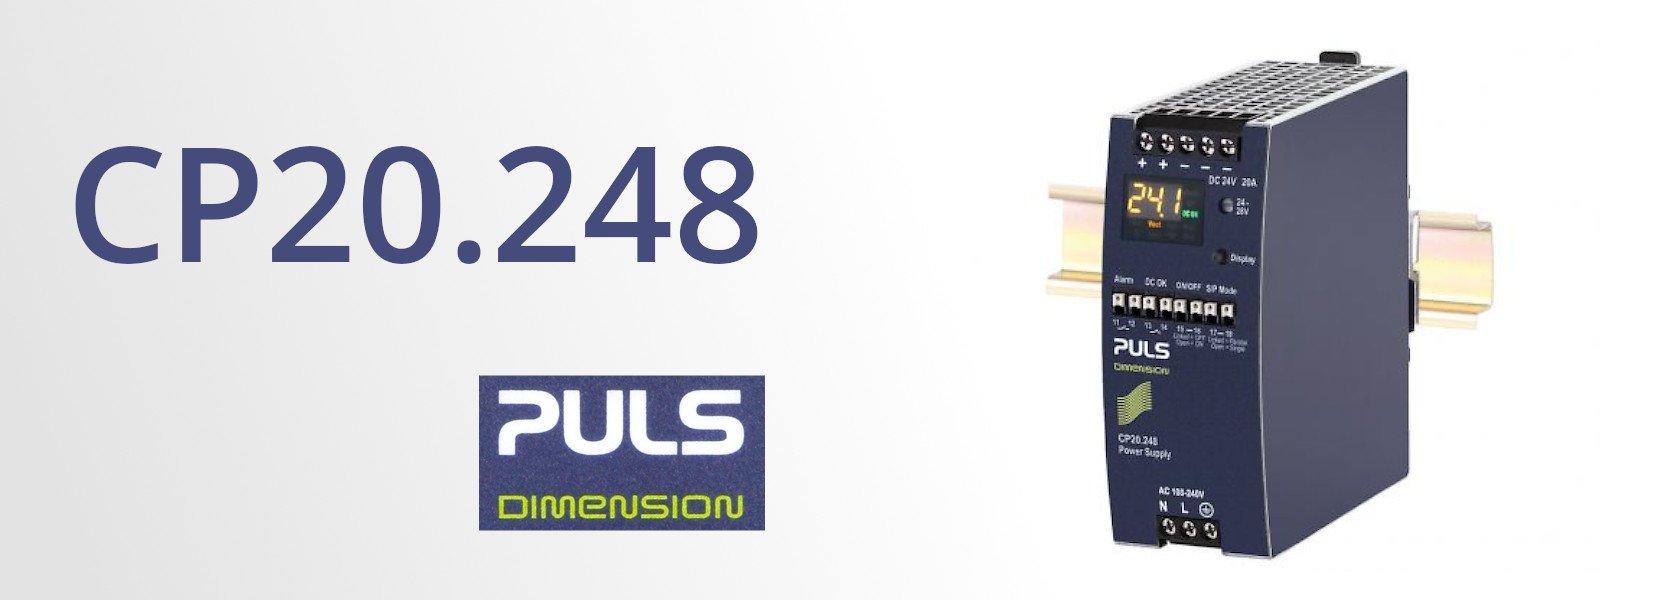 Puls Dimension – CP20.248